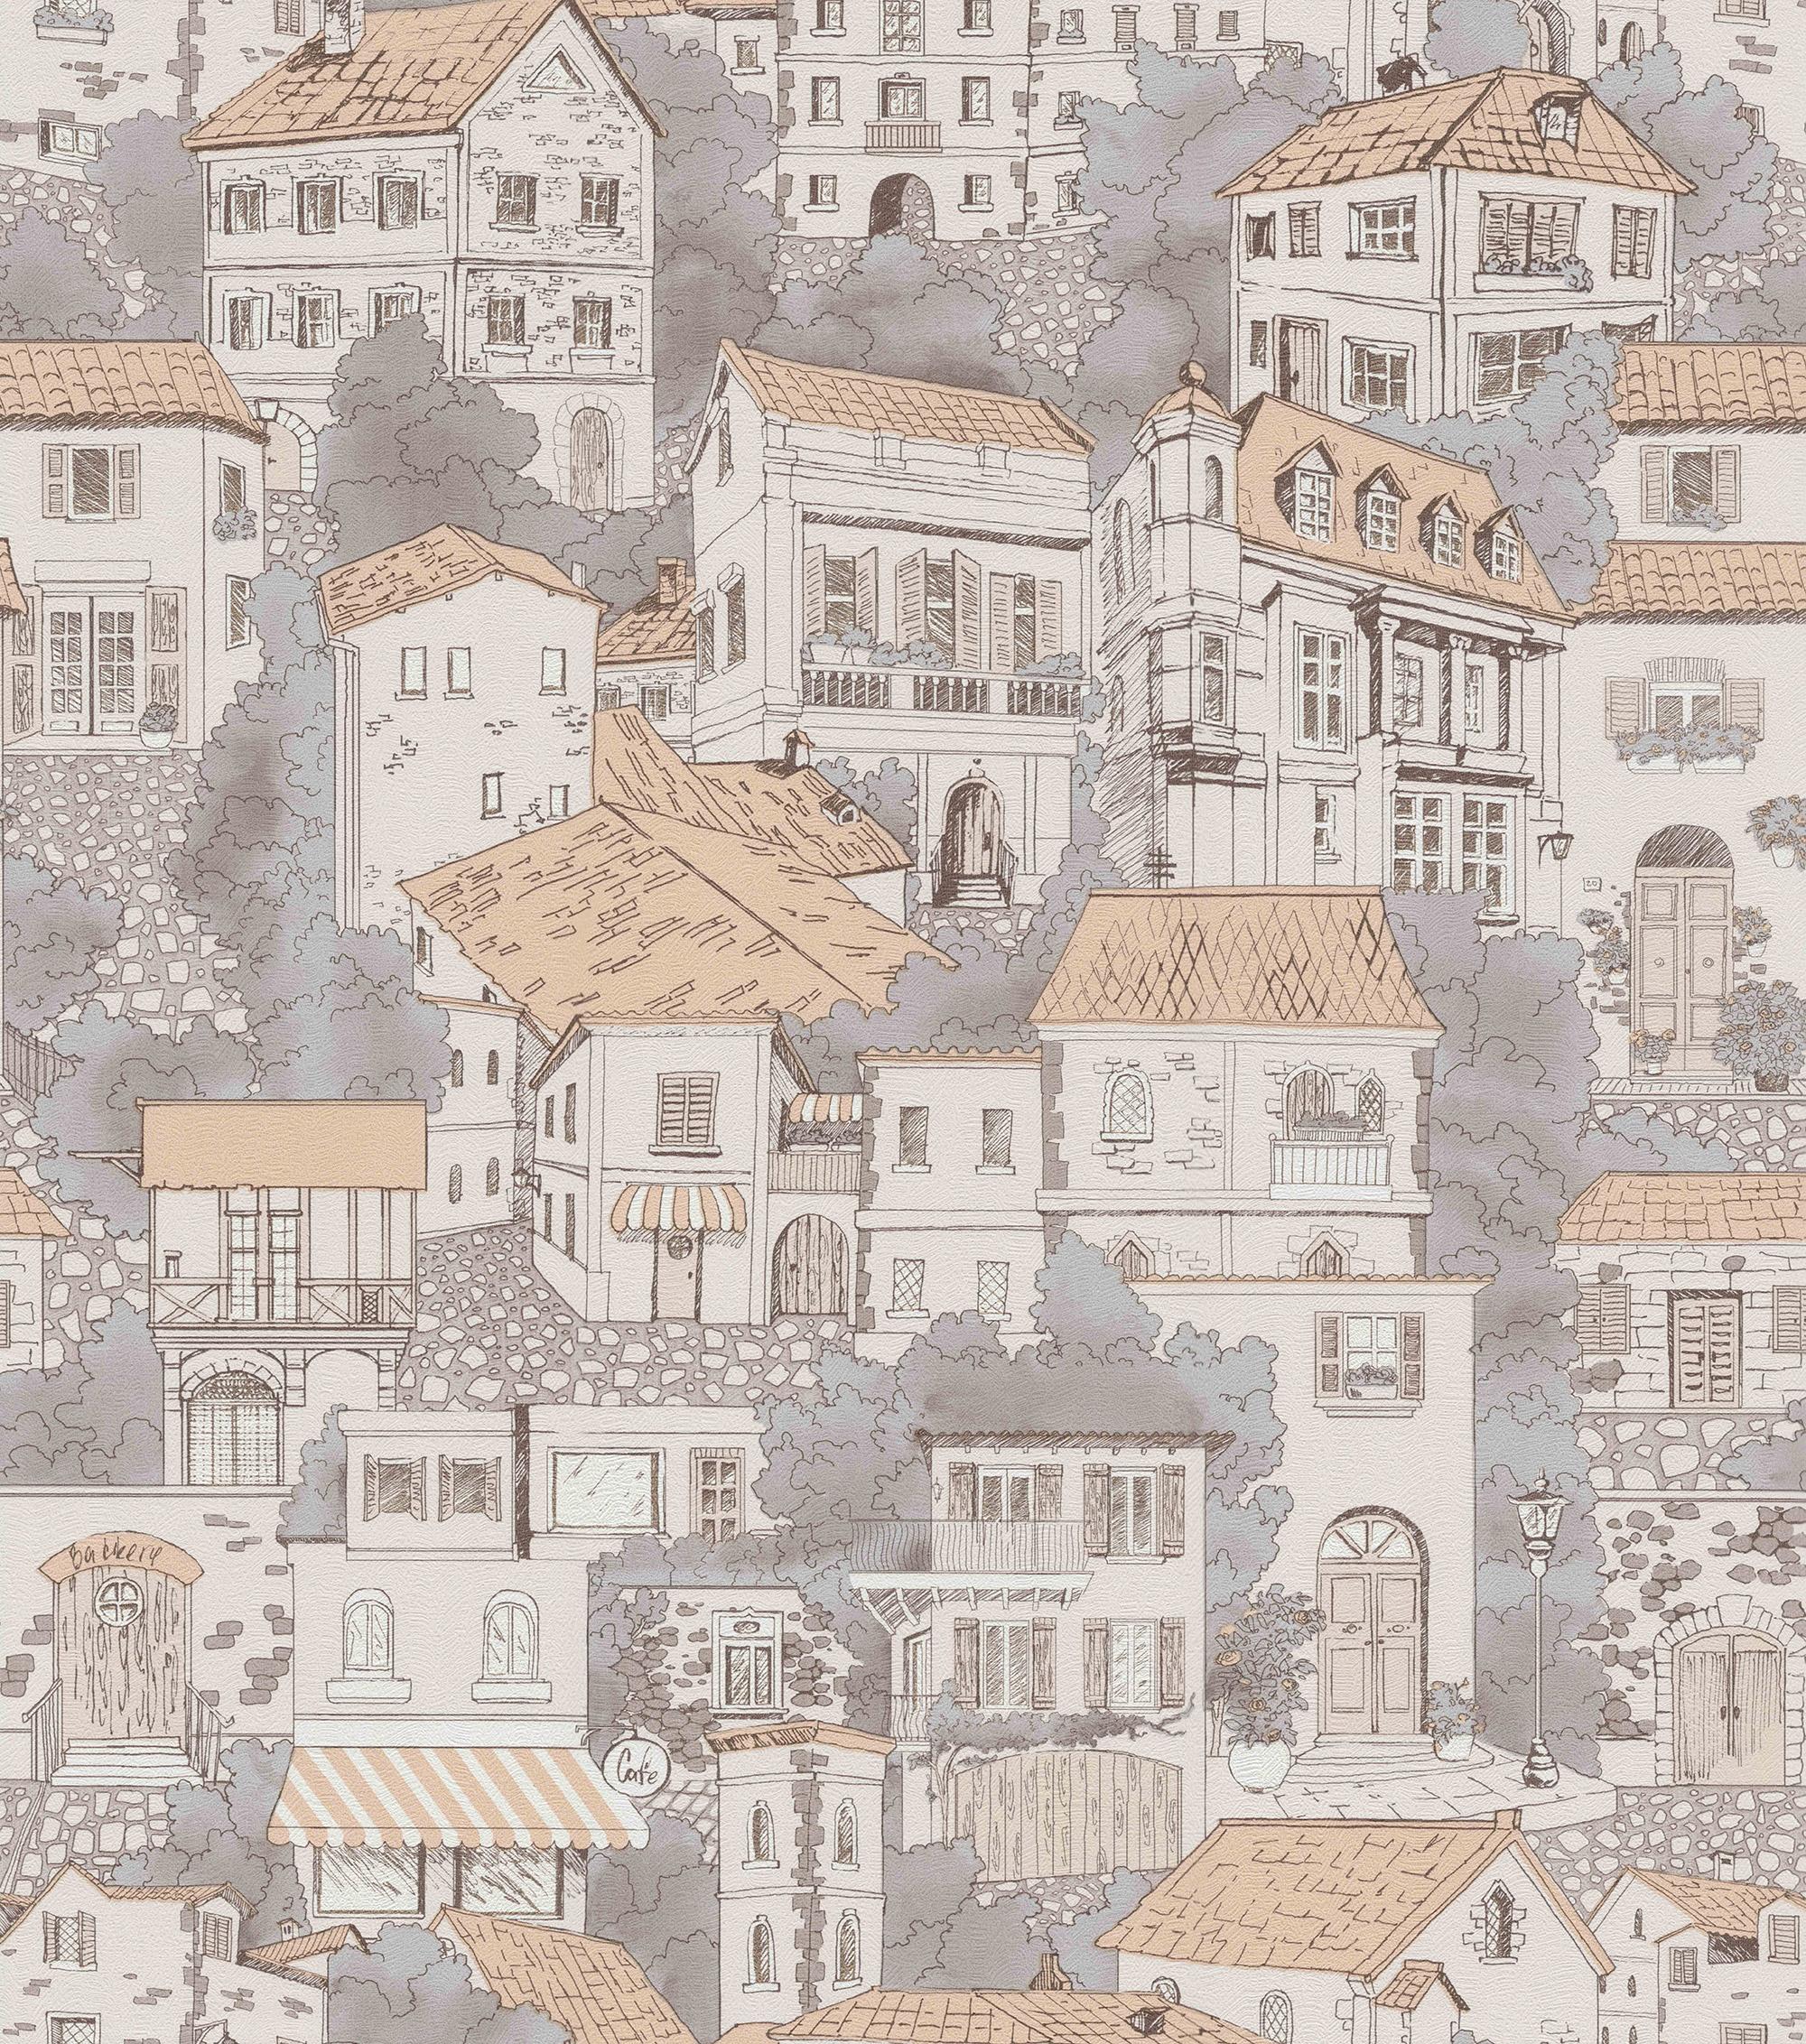 обои с рисунком города для стен искать